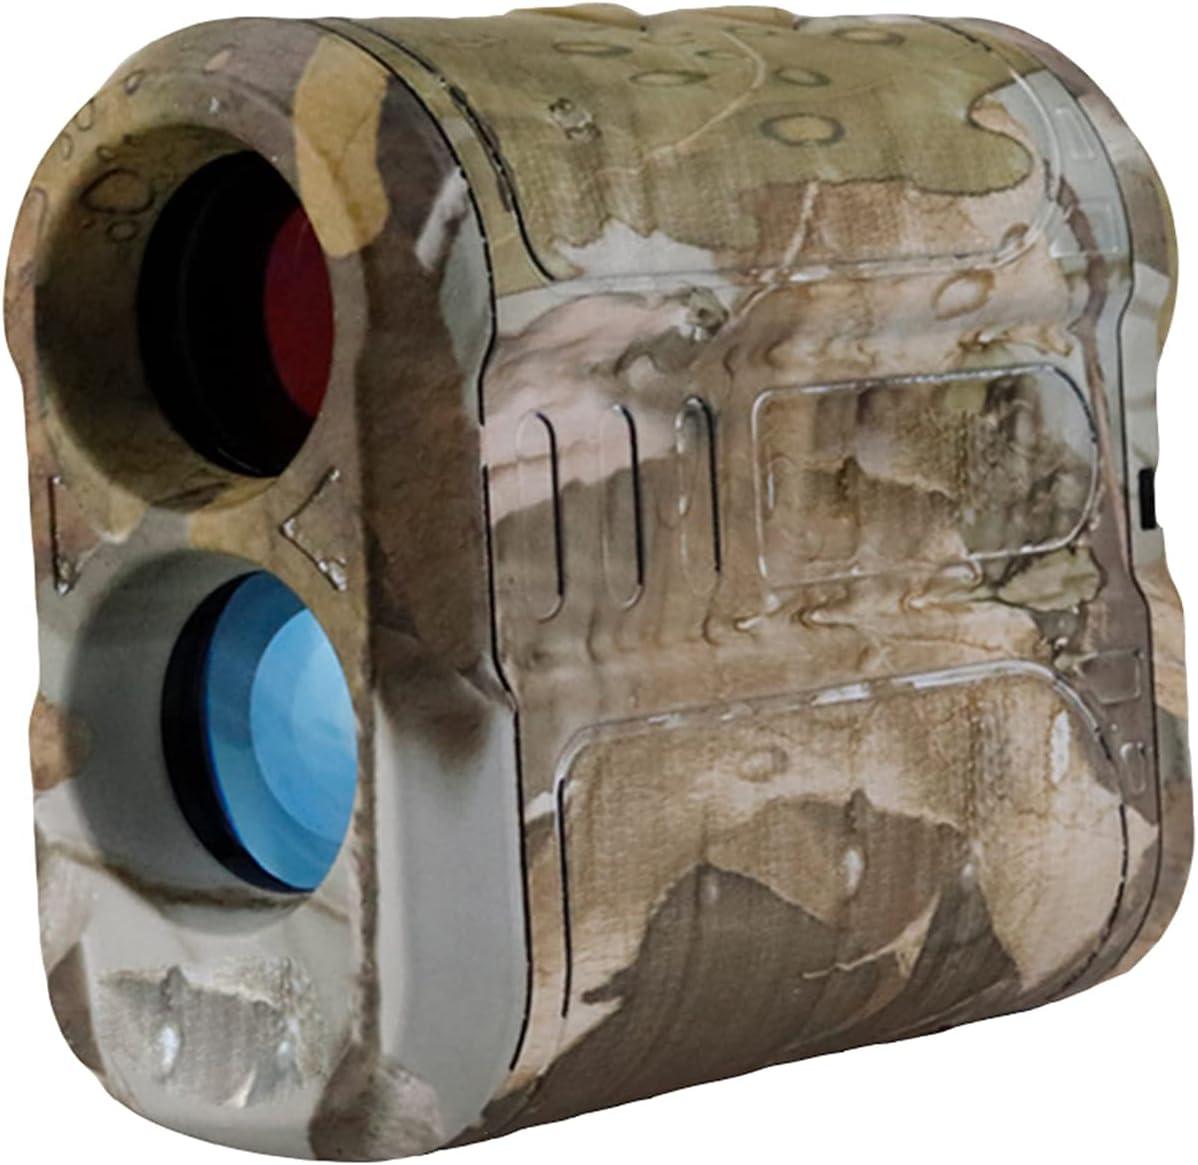 Telémetro de Golf, cámara de Vida Silvestre, Bloqueo rápido de asta de Bandera, precisión de 1 Yarda, Aumento de 6X, medición de Distancia/ángulo/Velocidad para Golf, Caza, 1500 m